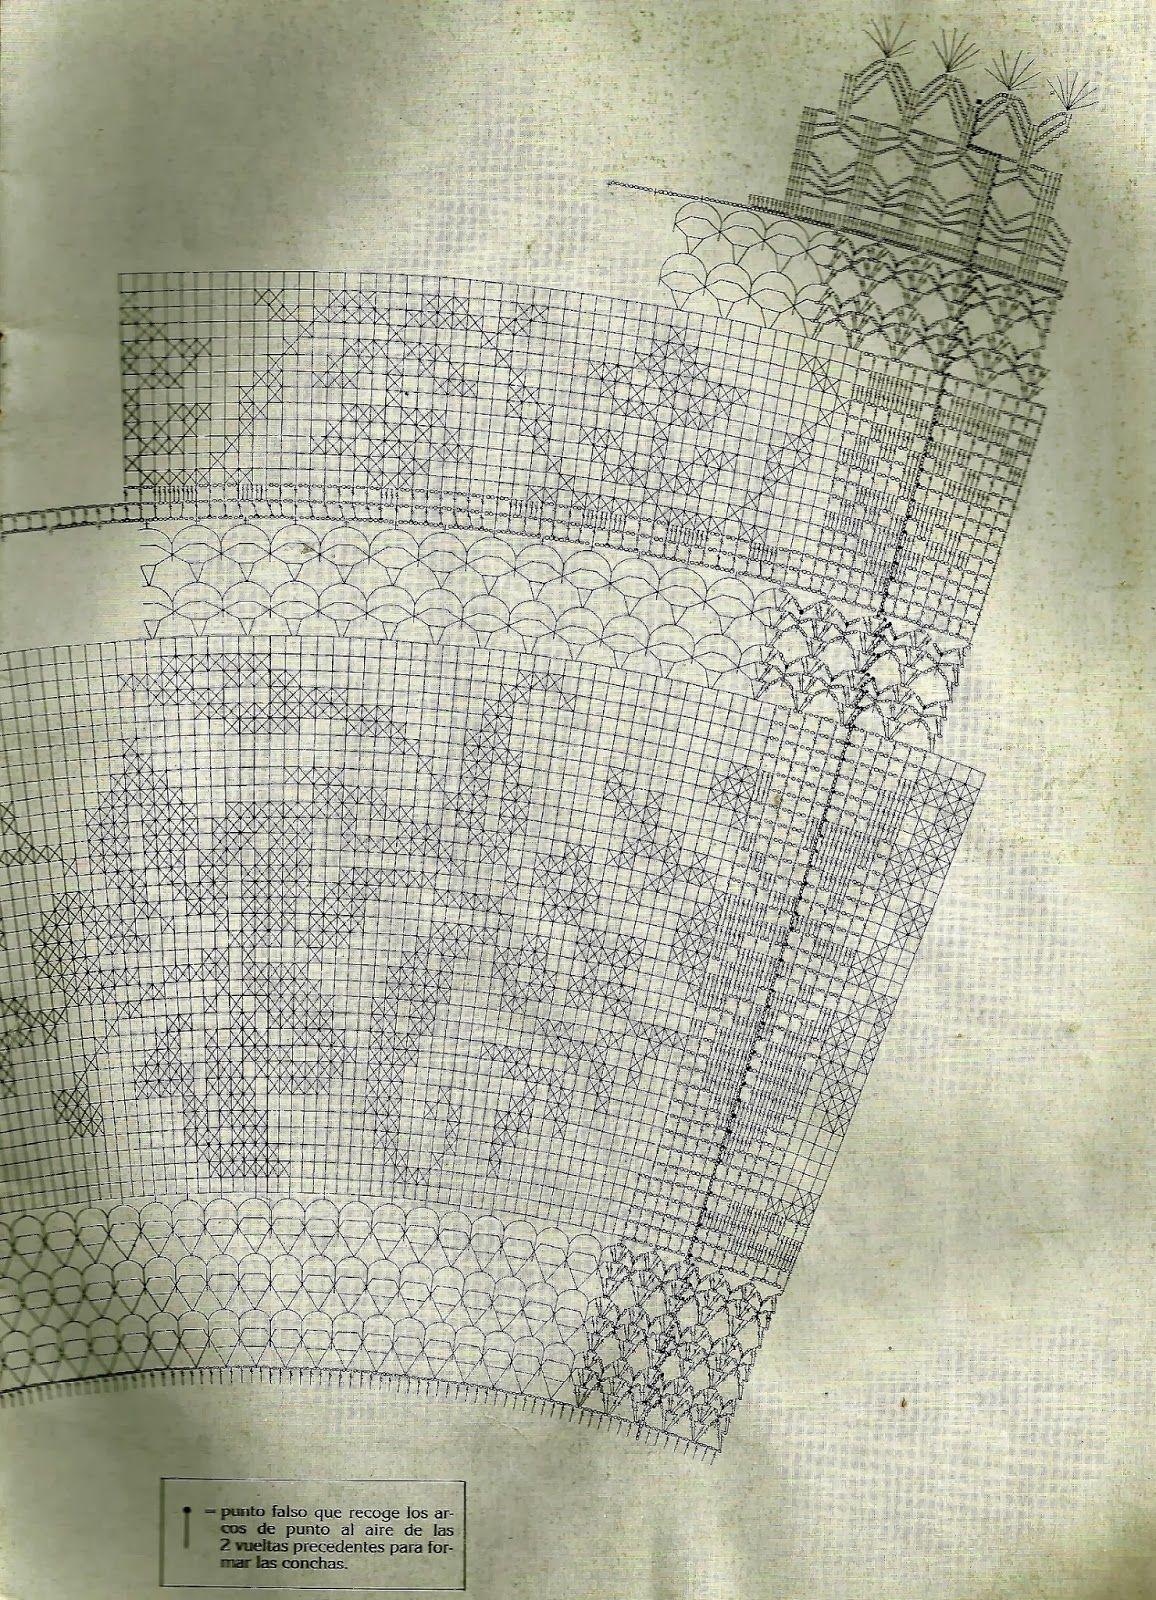 Pin de Leticia Sánchez en Crochet | Pinterest | Mantel, Mesas y Tejido